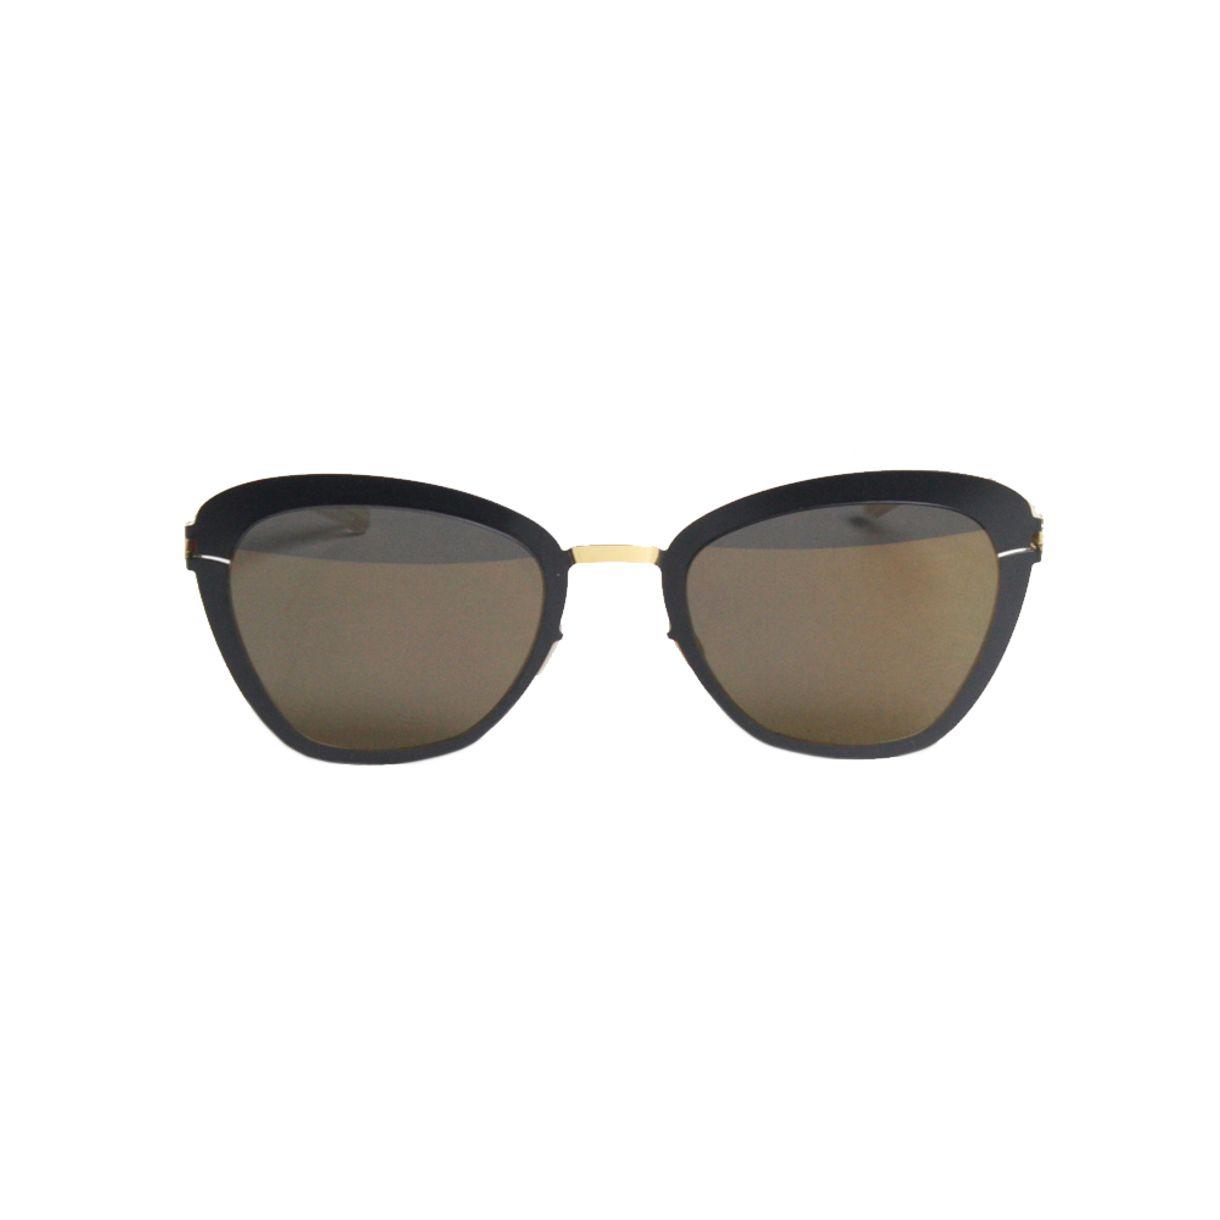 Oculos-Mykita-Espelhado